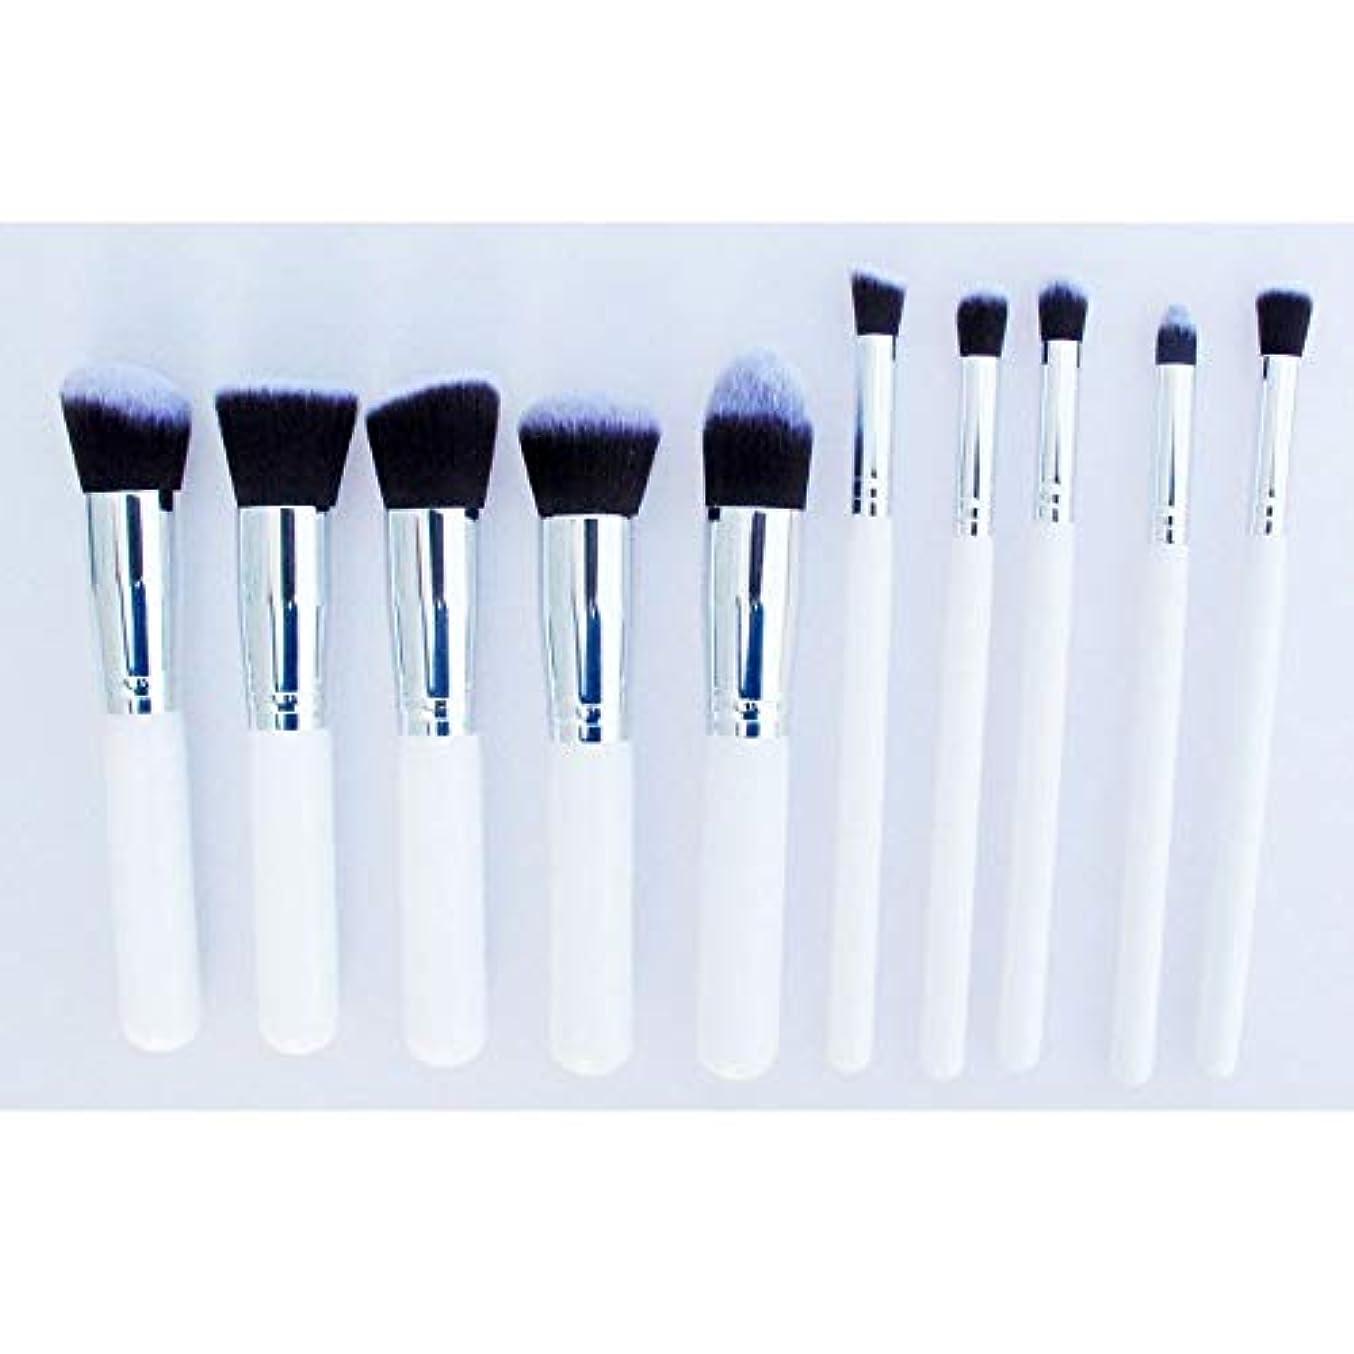 エゴイズム栄養ワークショップ化粧品 10本セット 化粧ブラシセット プロ メイクブラシ 人気化粧筆 超柔らかい フェイシャルメイクアップ 化粧品 美容ツール (Color : Silver)